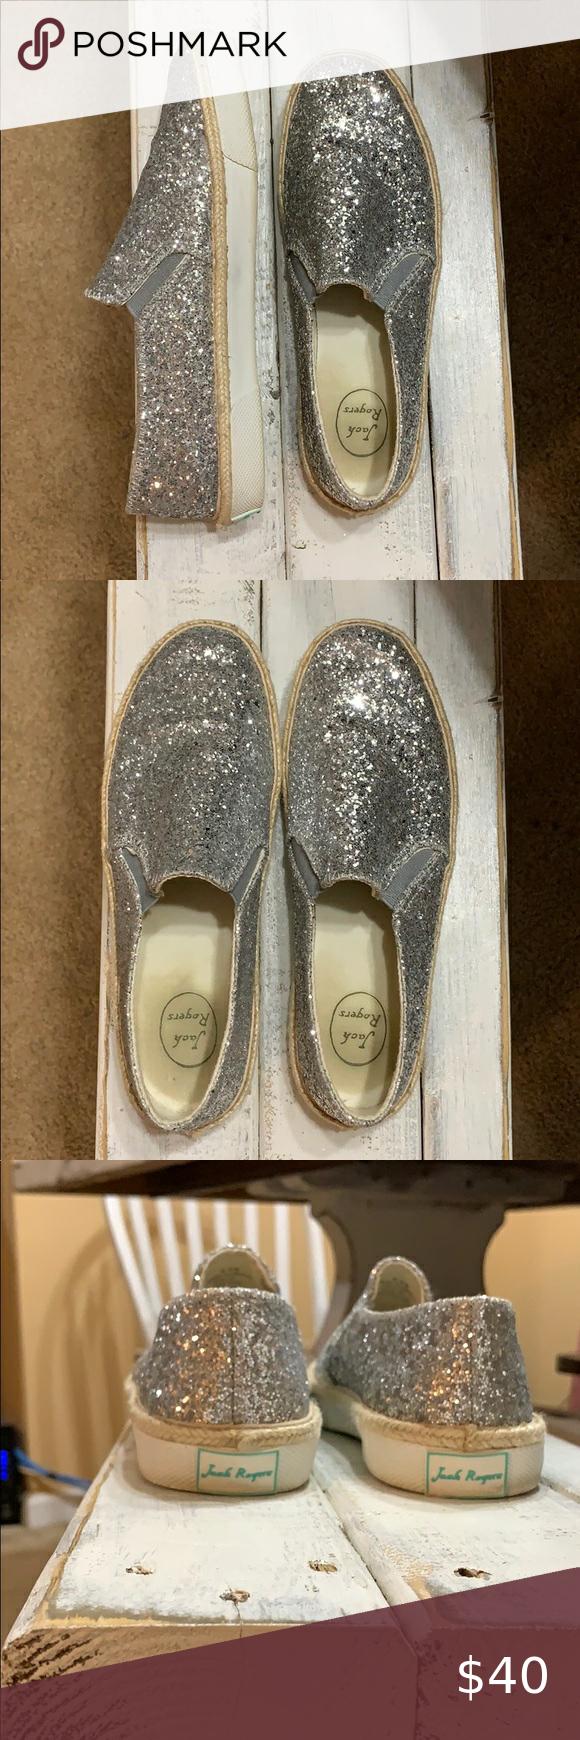 Size 8.5 Jack Rogers Glitter Sneakers